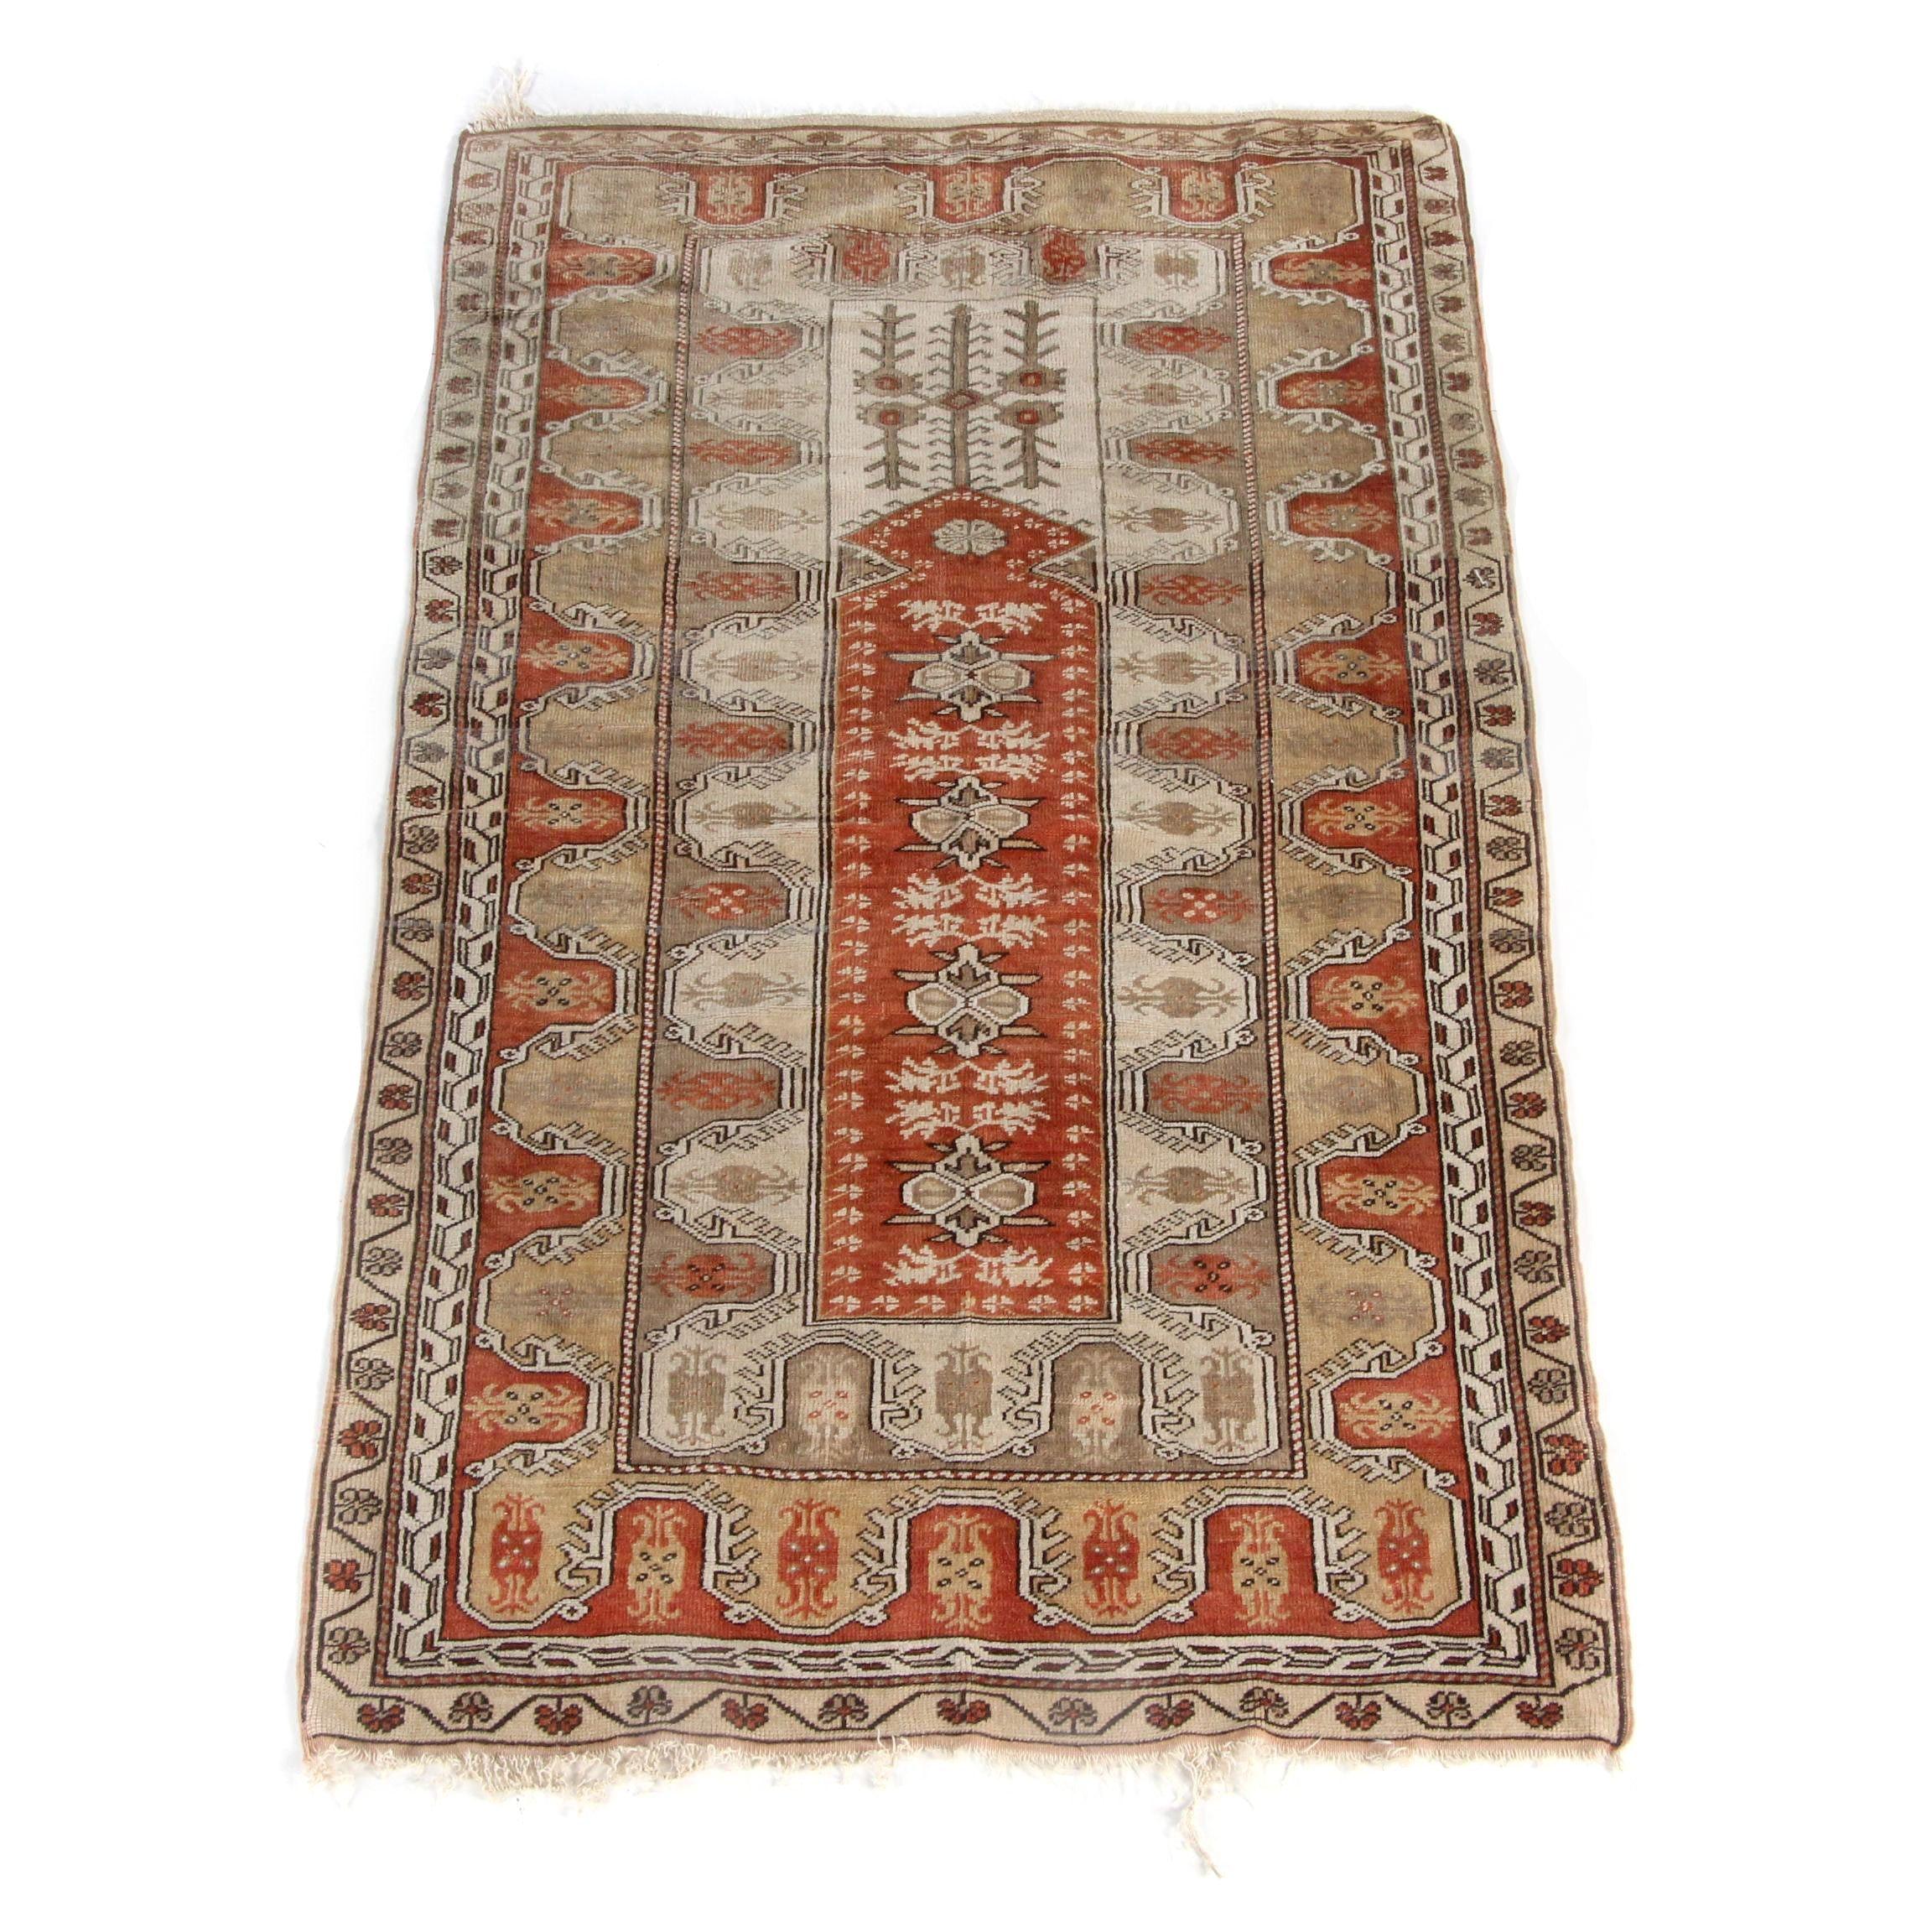 Vintage Hand-Knotted Turkish Melez Wool Prayer Rug